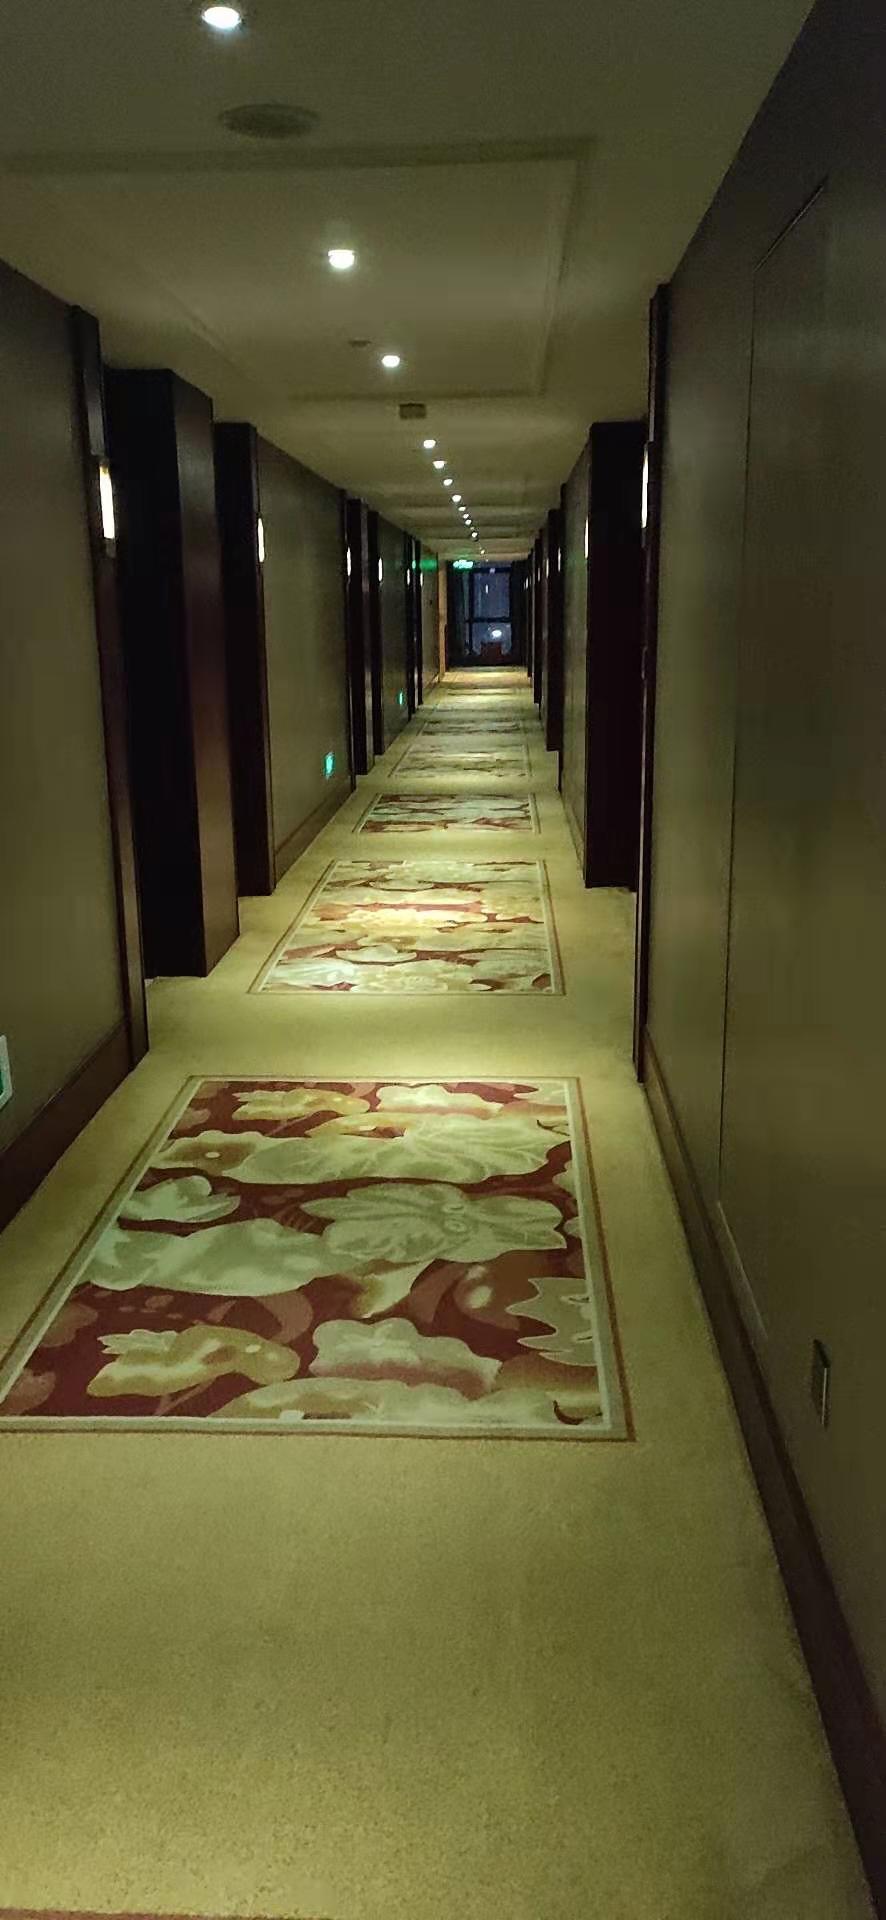 深圳展会旧地毯出售,旧地毯出售